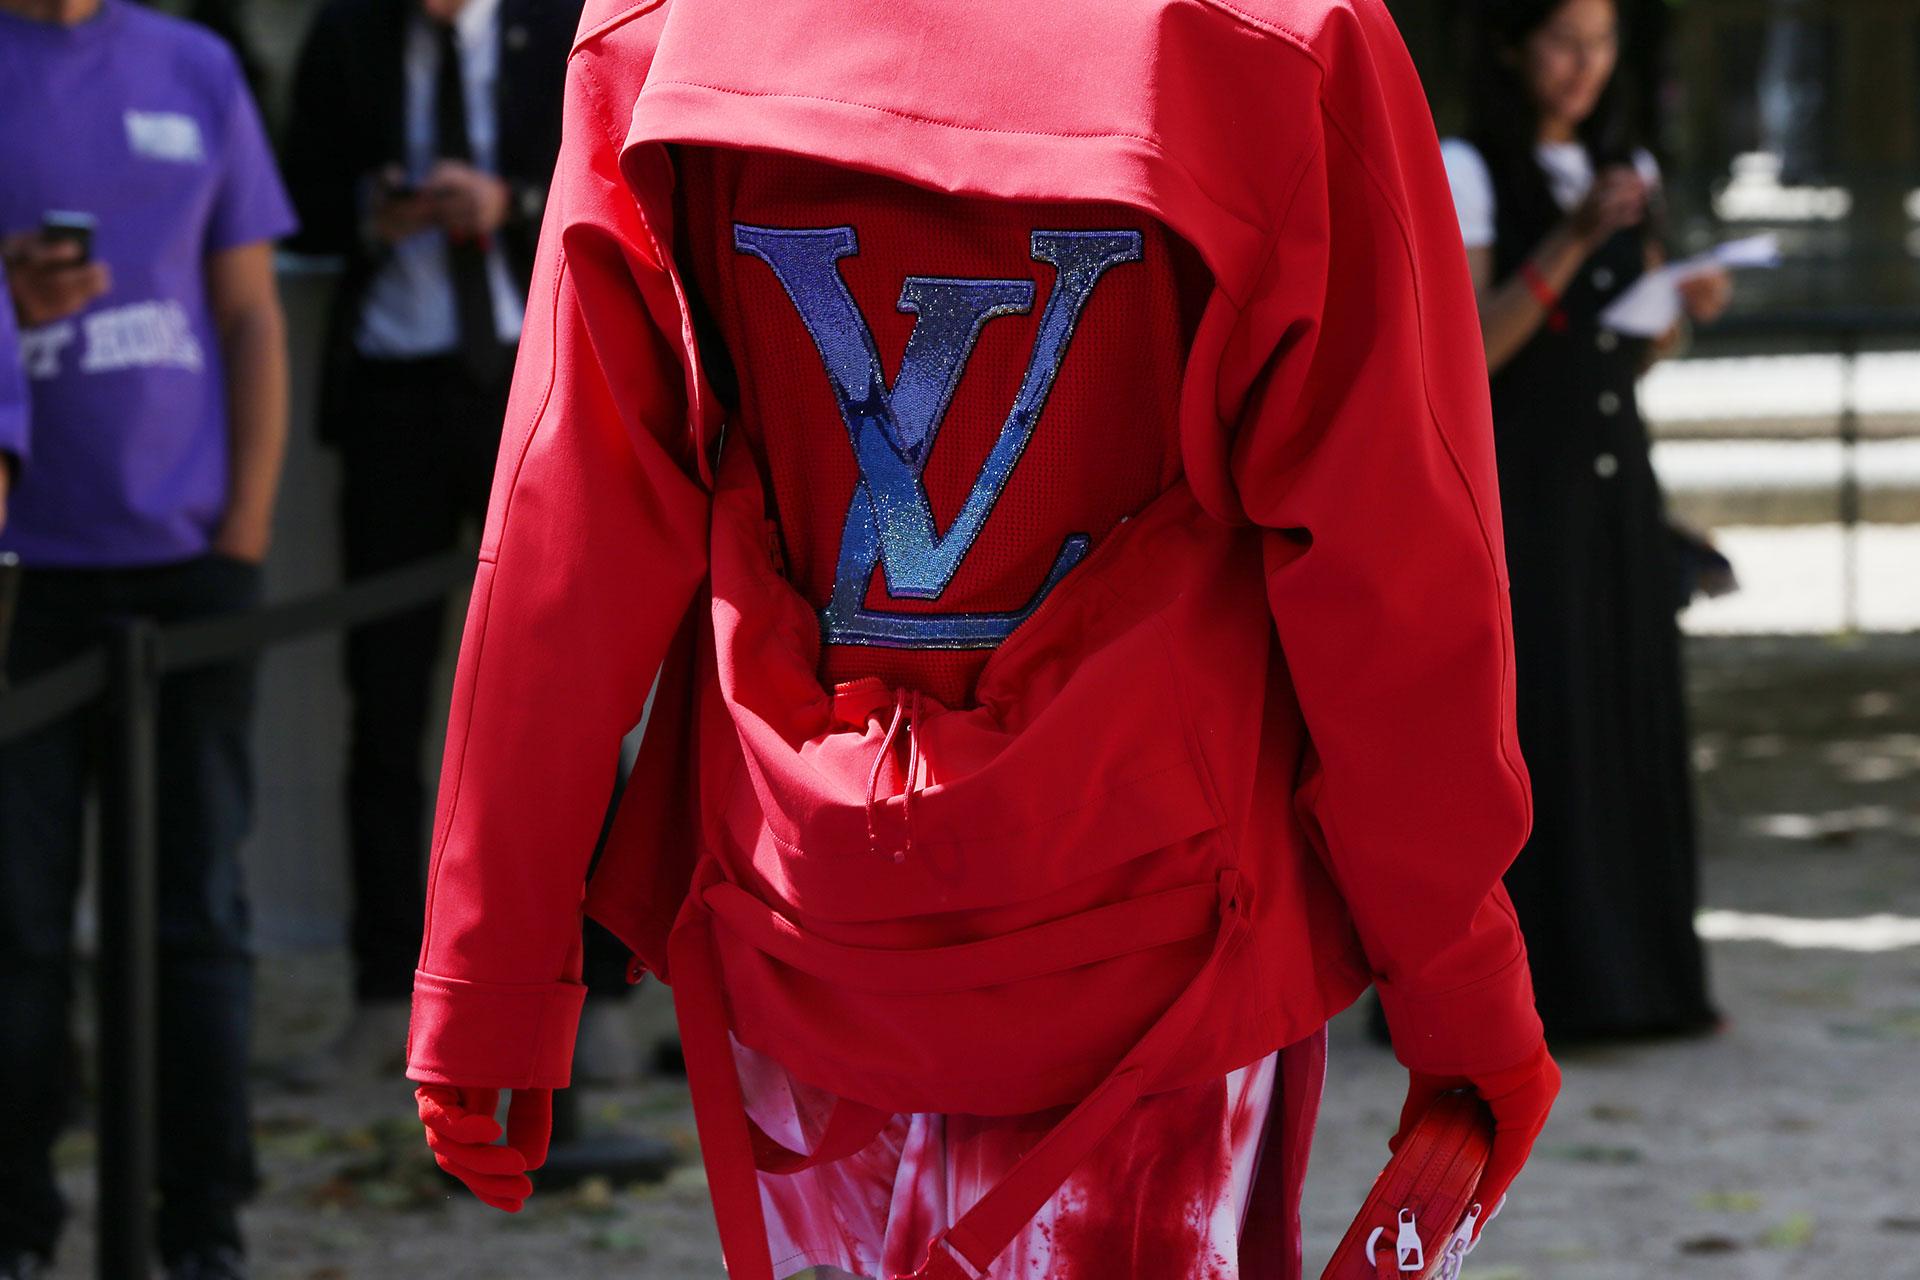 Una chaqueta con cortes en la espalda que dejan ver la remera con las siglas de la firma bordadas con paillettes. Un diseño solo para vanguardistas y amantes de la moda